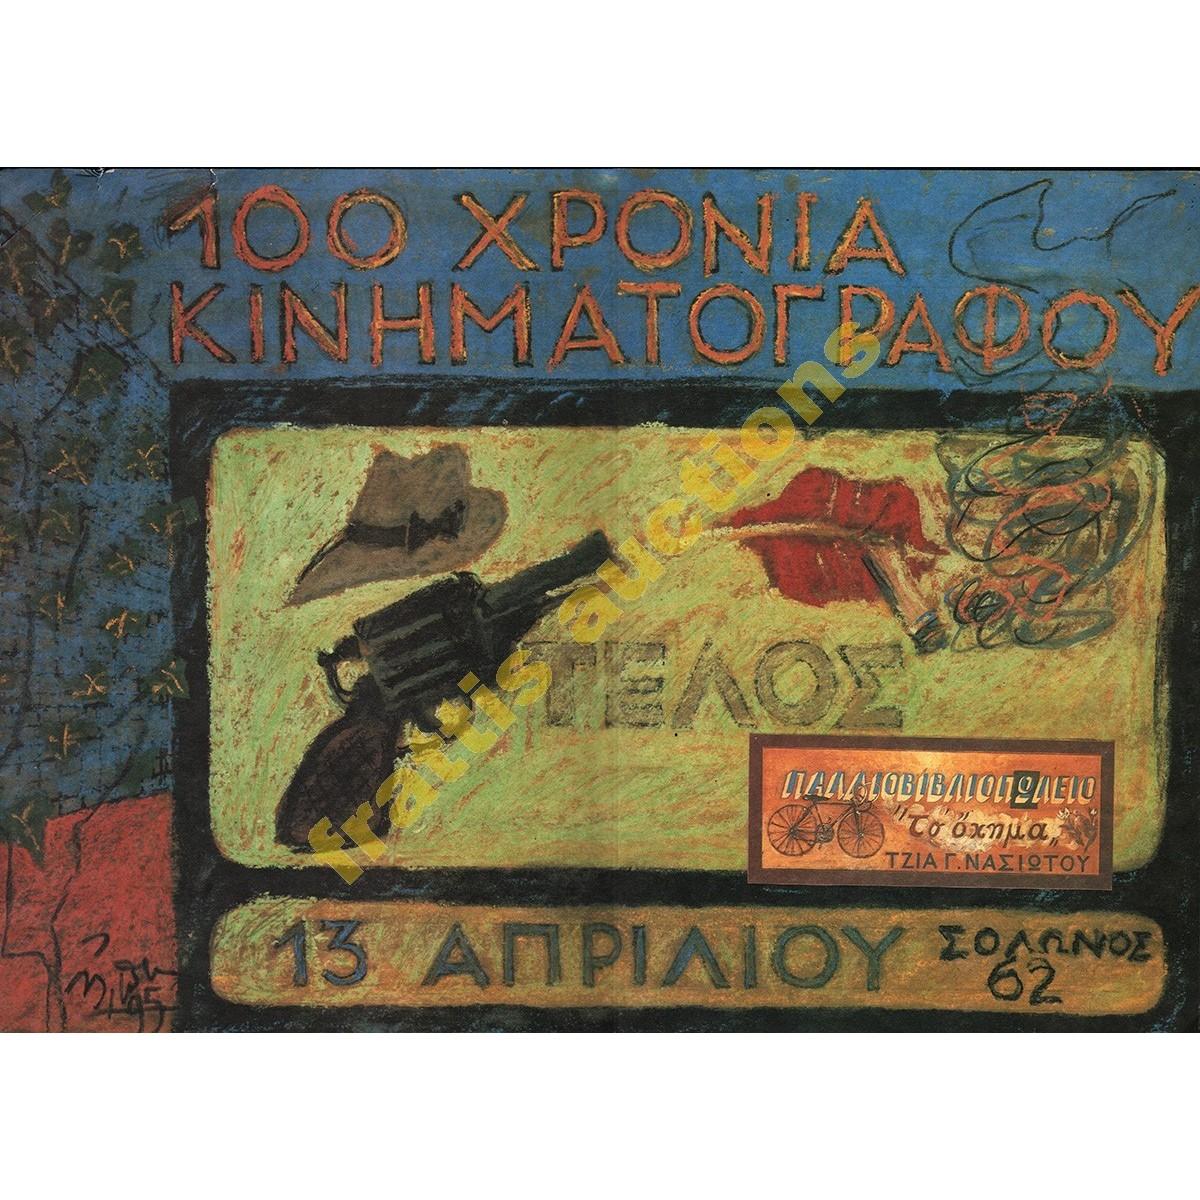 100 Χρόνια Κινηματογράφου, χάρτινη αφίσα.